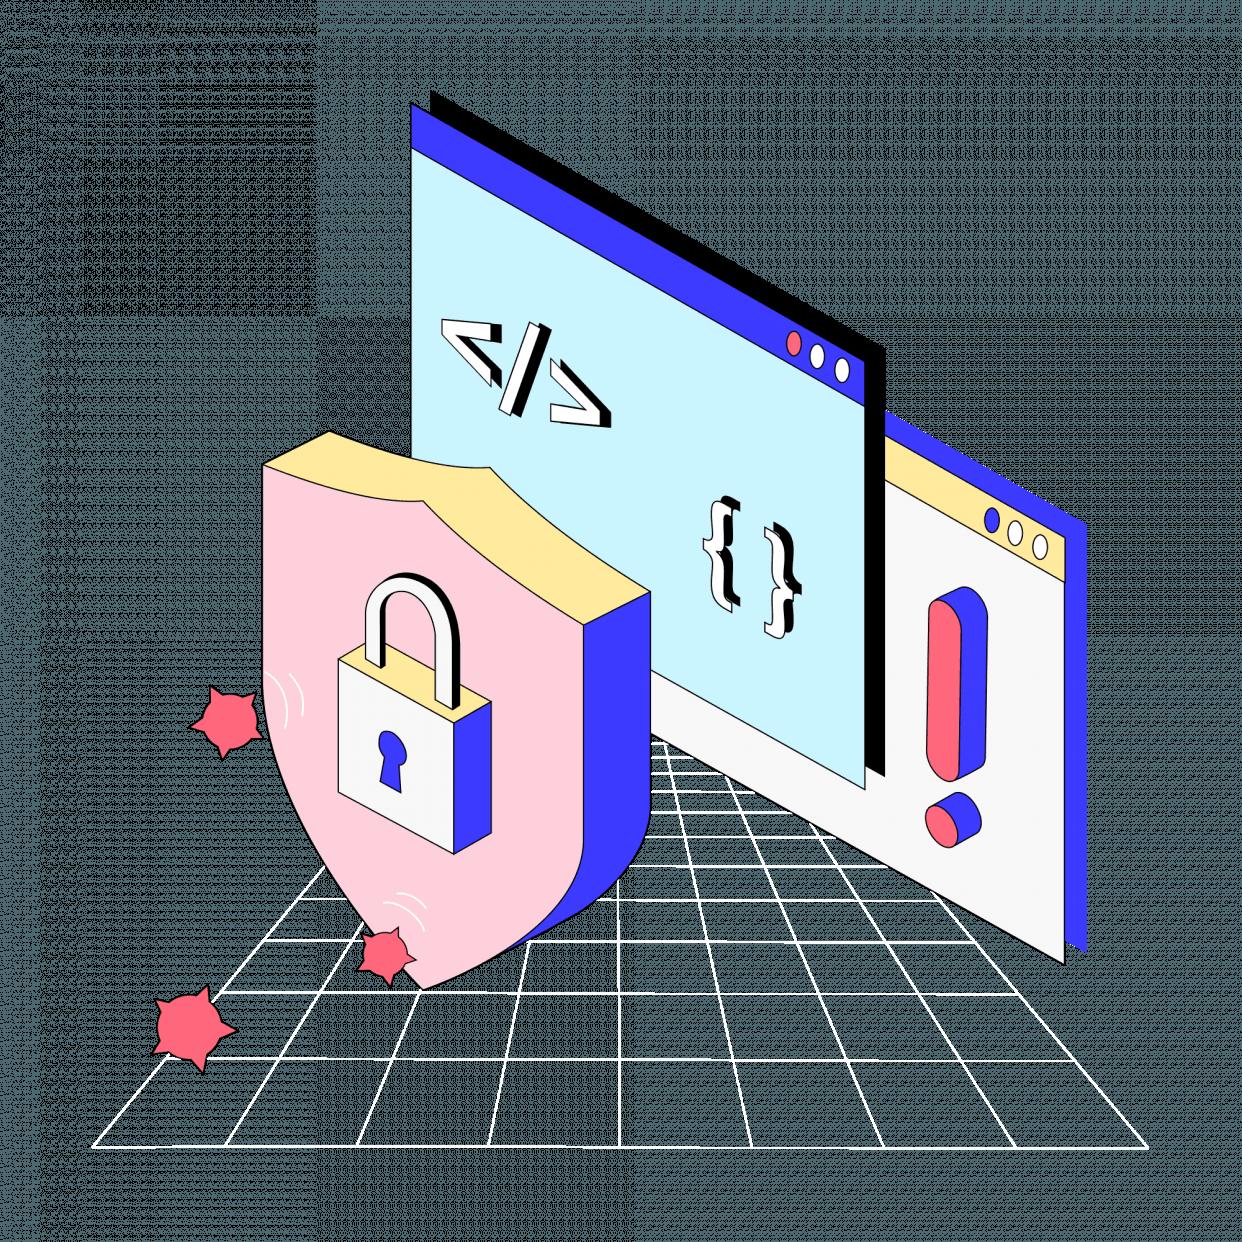 Специалист по кибербезопасности